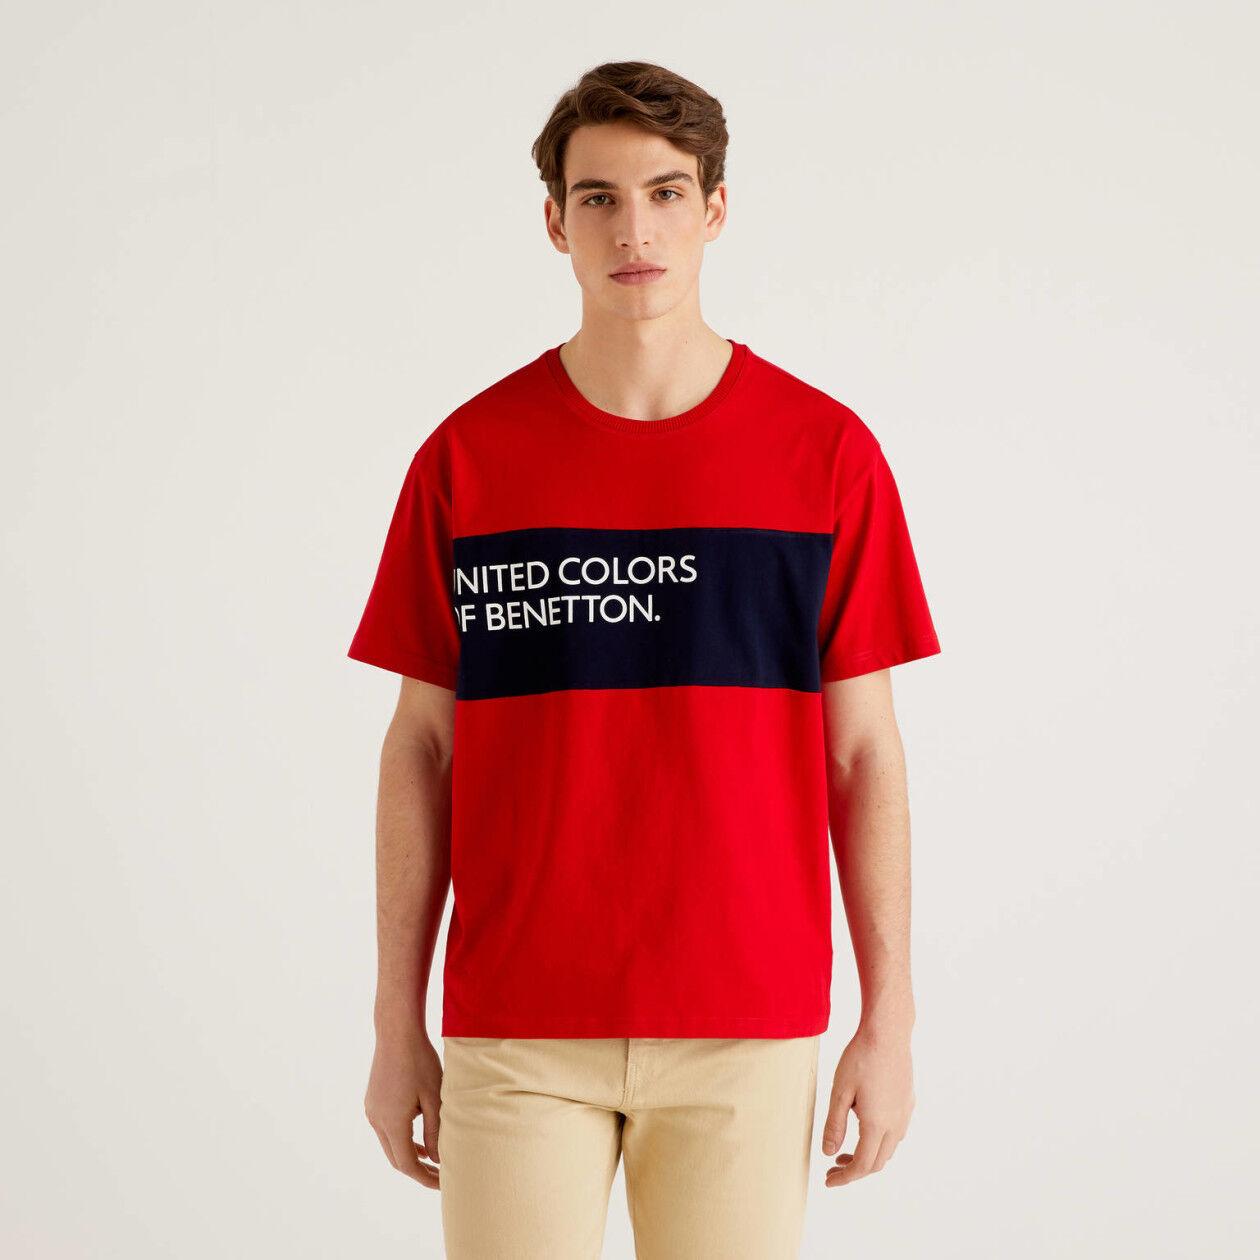 Camiseta de 100 % algodón con banda en contraste